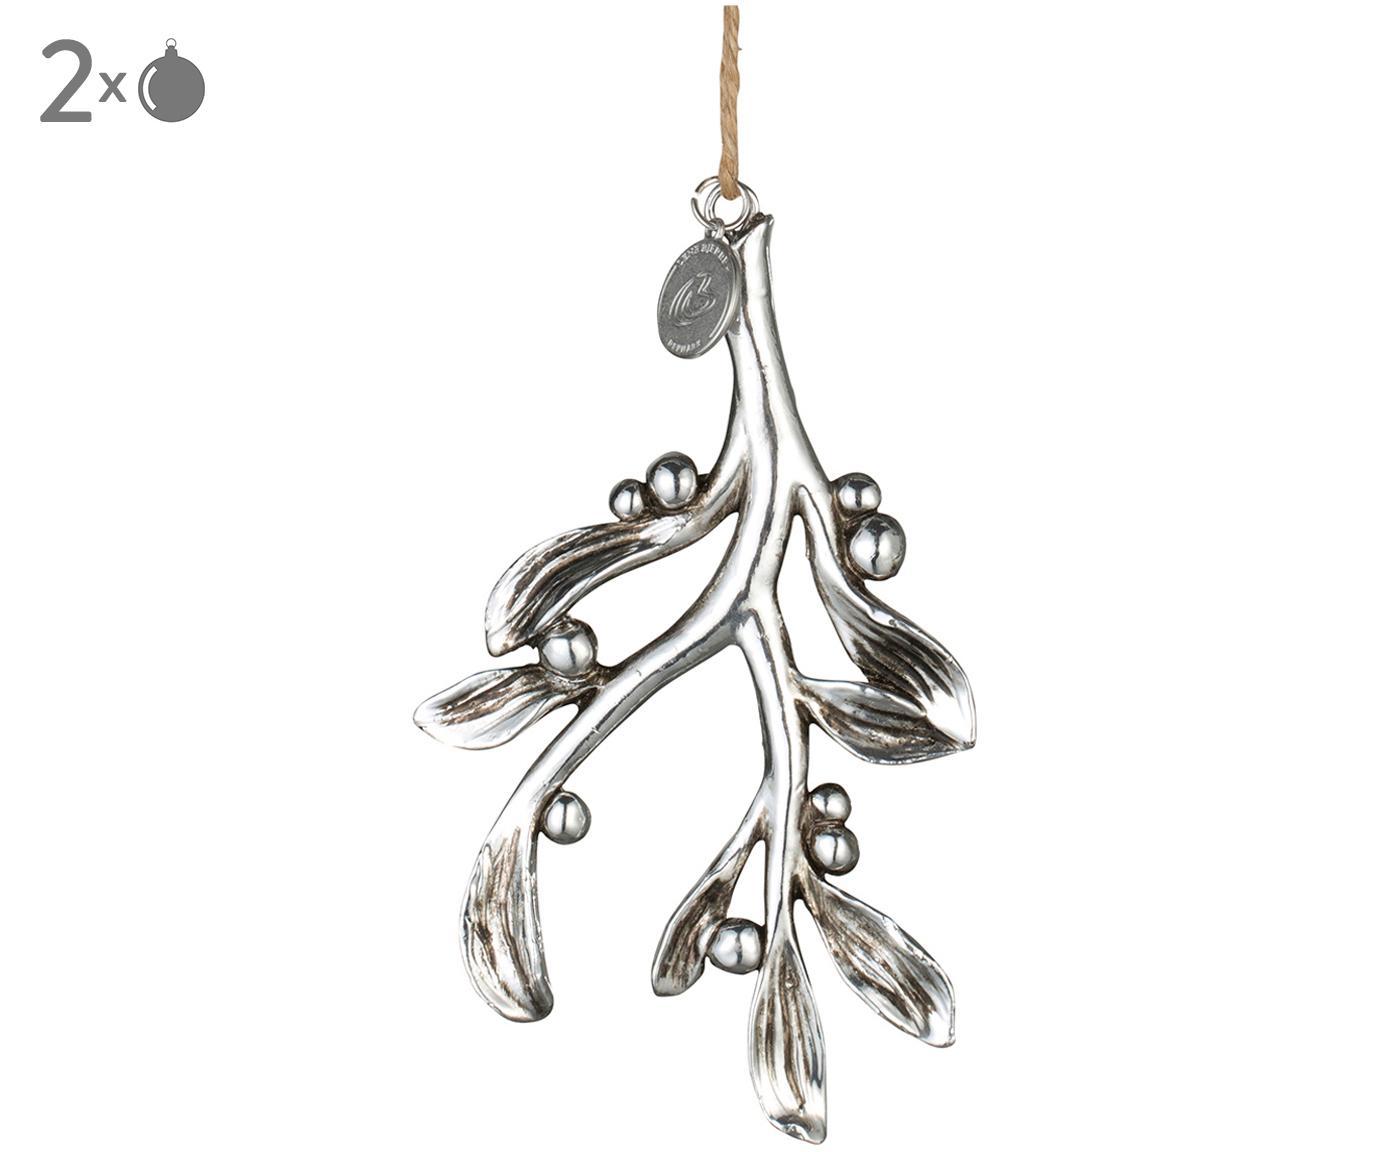 Baumanhänger Serafina Mistletoe, 2 Stück, Silberfarben, 7 x 11 cm